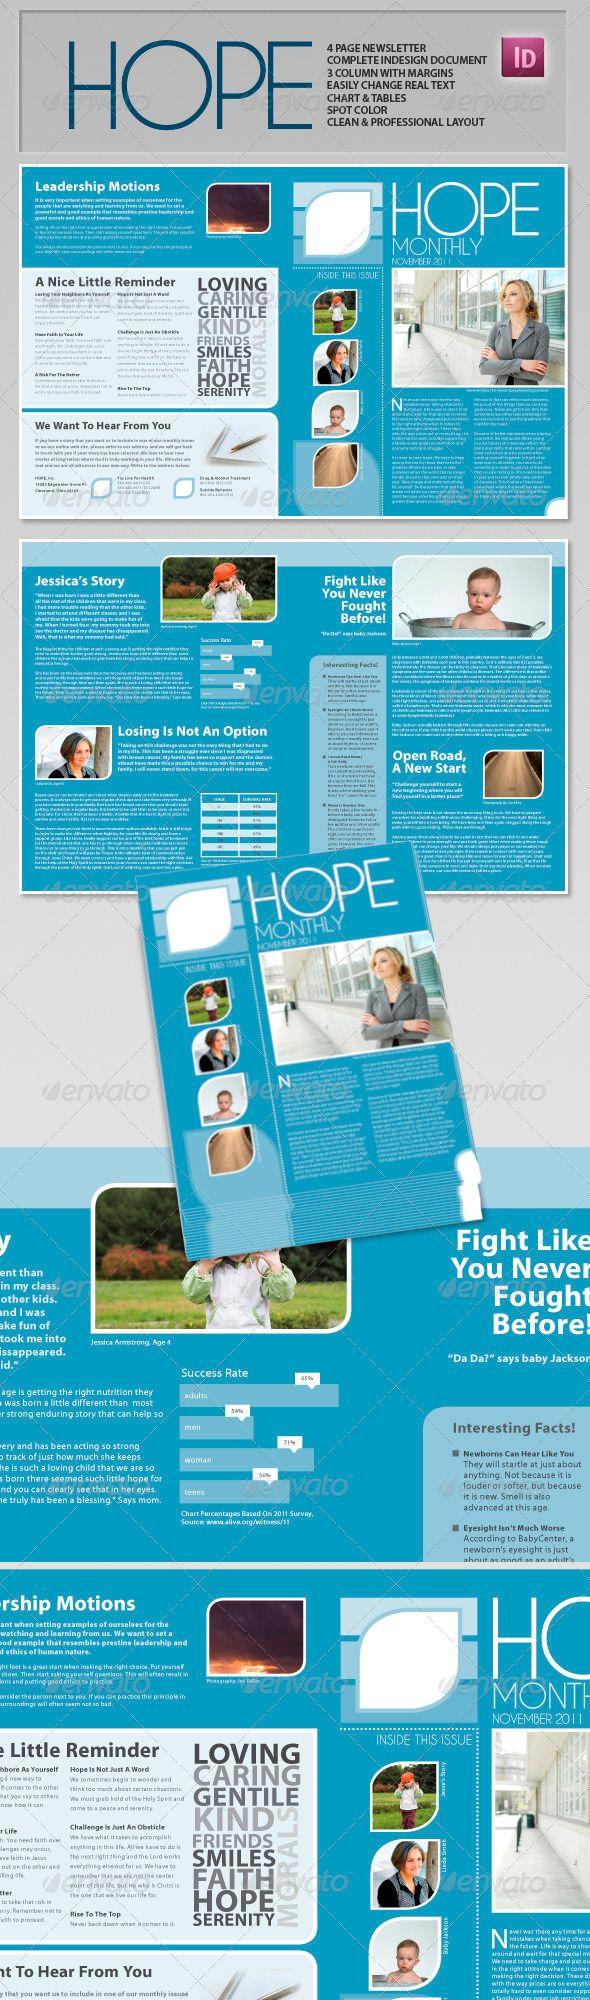 Hope #dtnewsletter